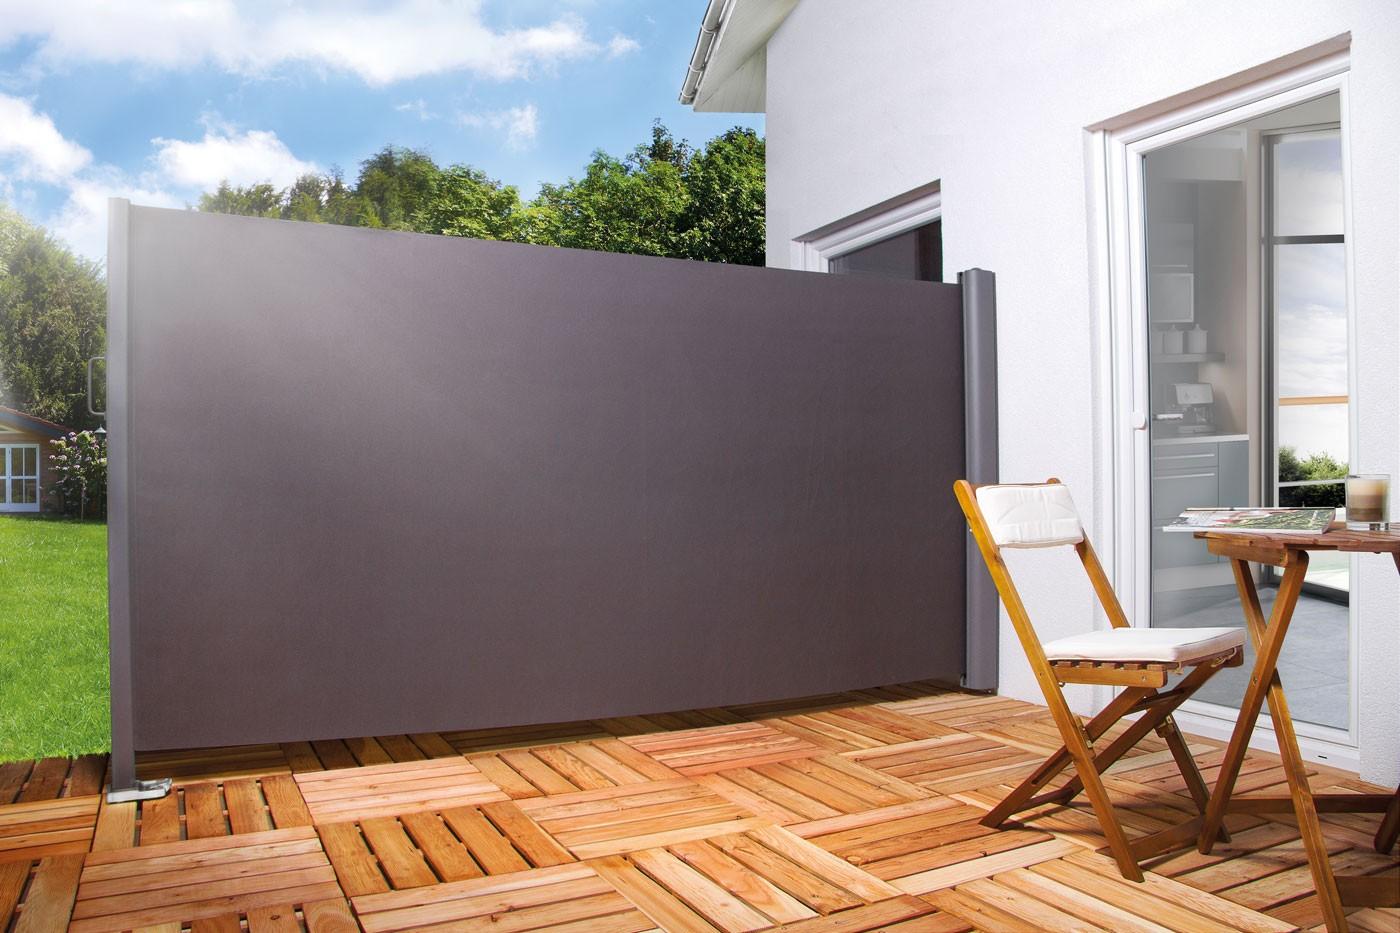 Store Latéral Rétractable Paravent Terrasse PVC Gris Anthracite ...